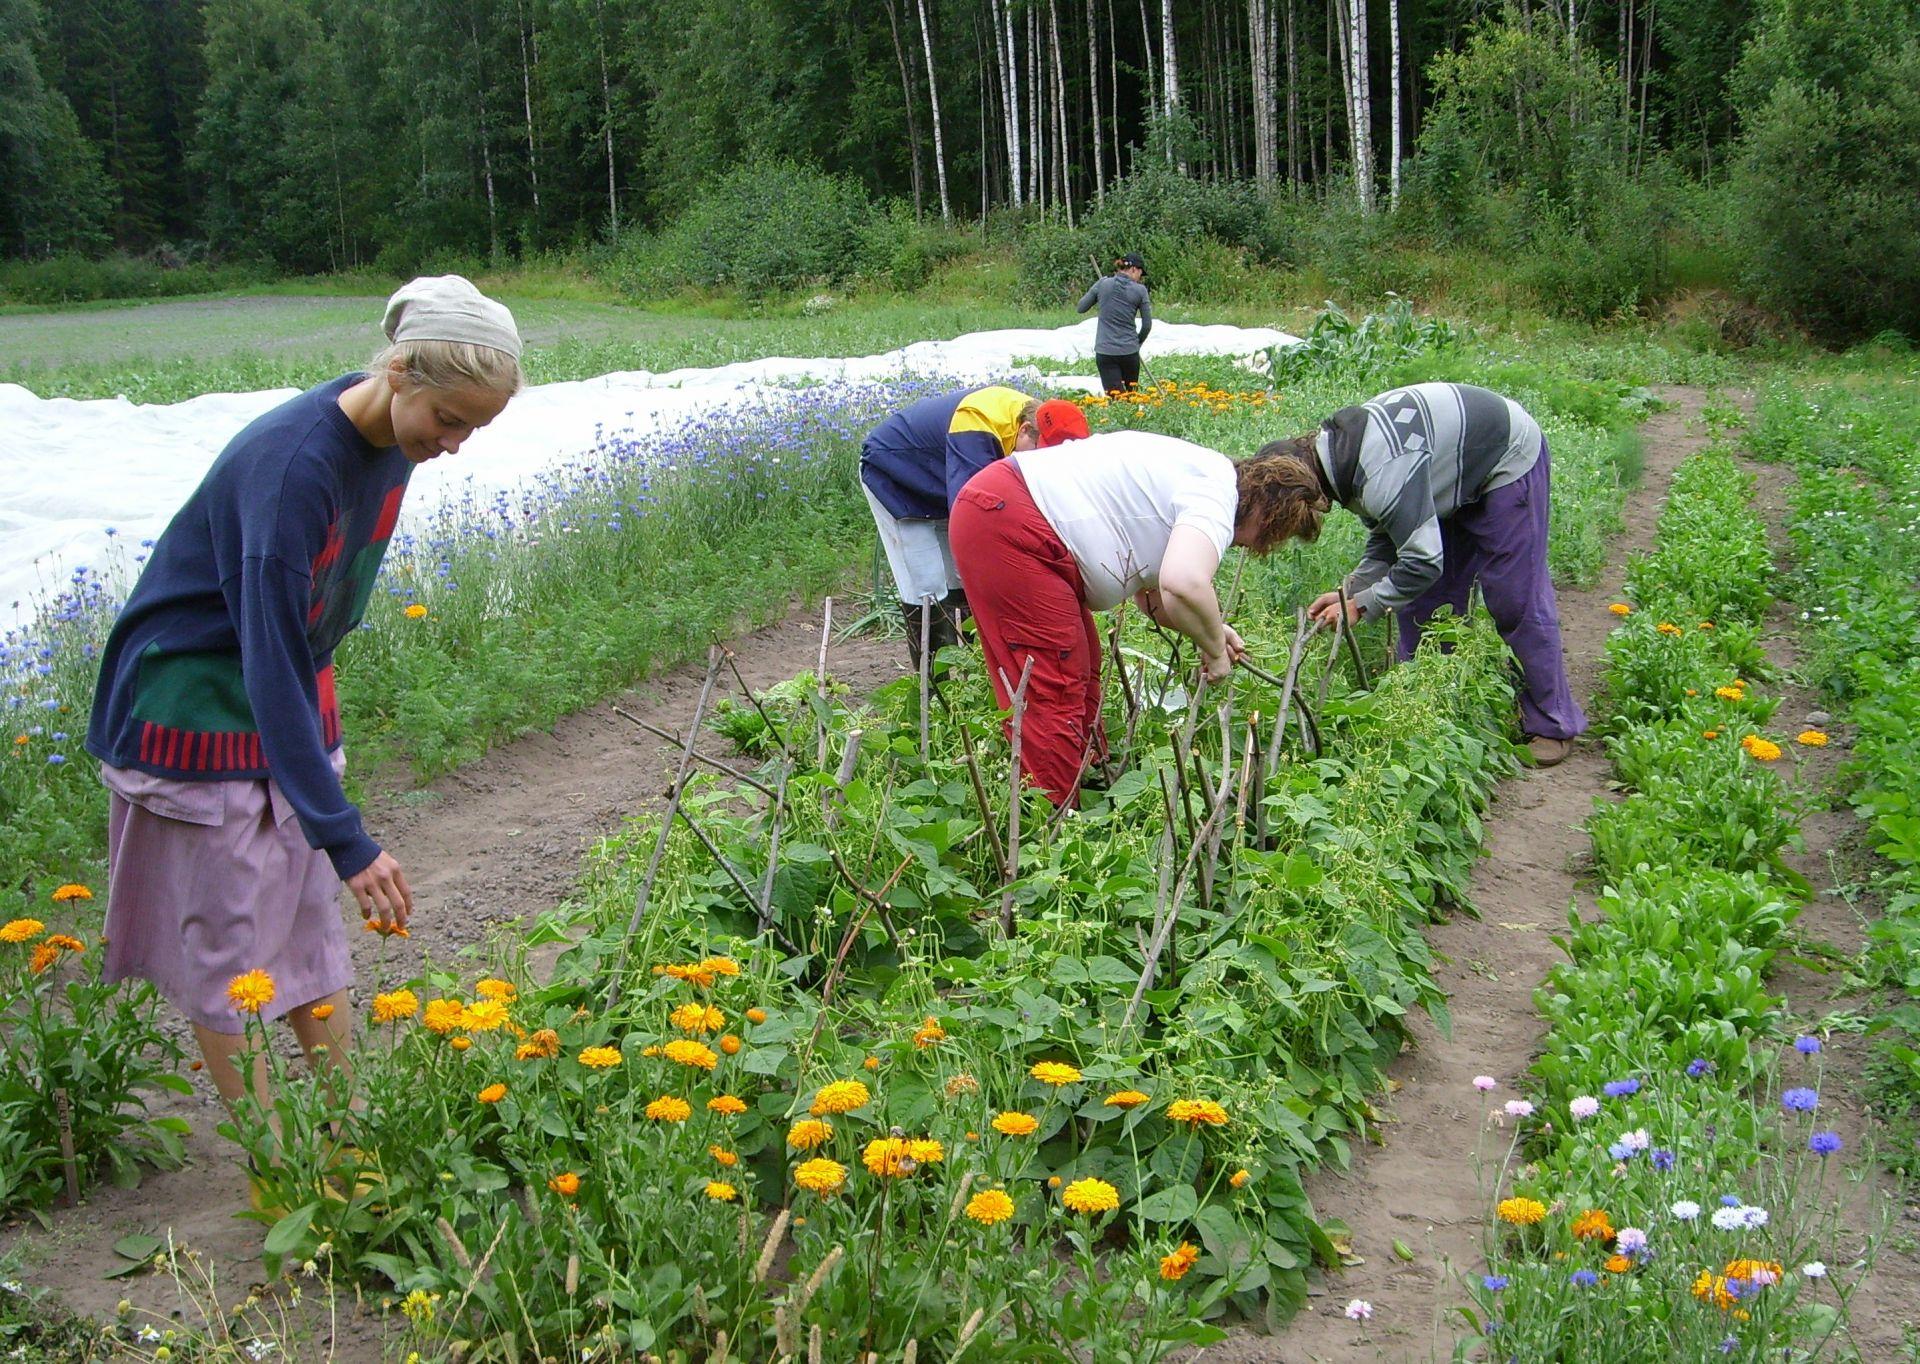 Viisi ihmistä tekevät puutarhatöitä kasvimaalla.